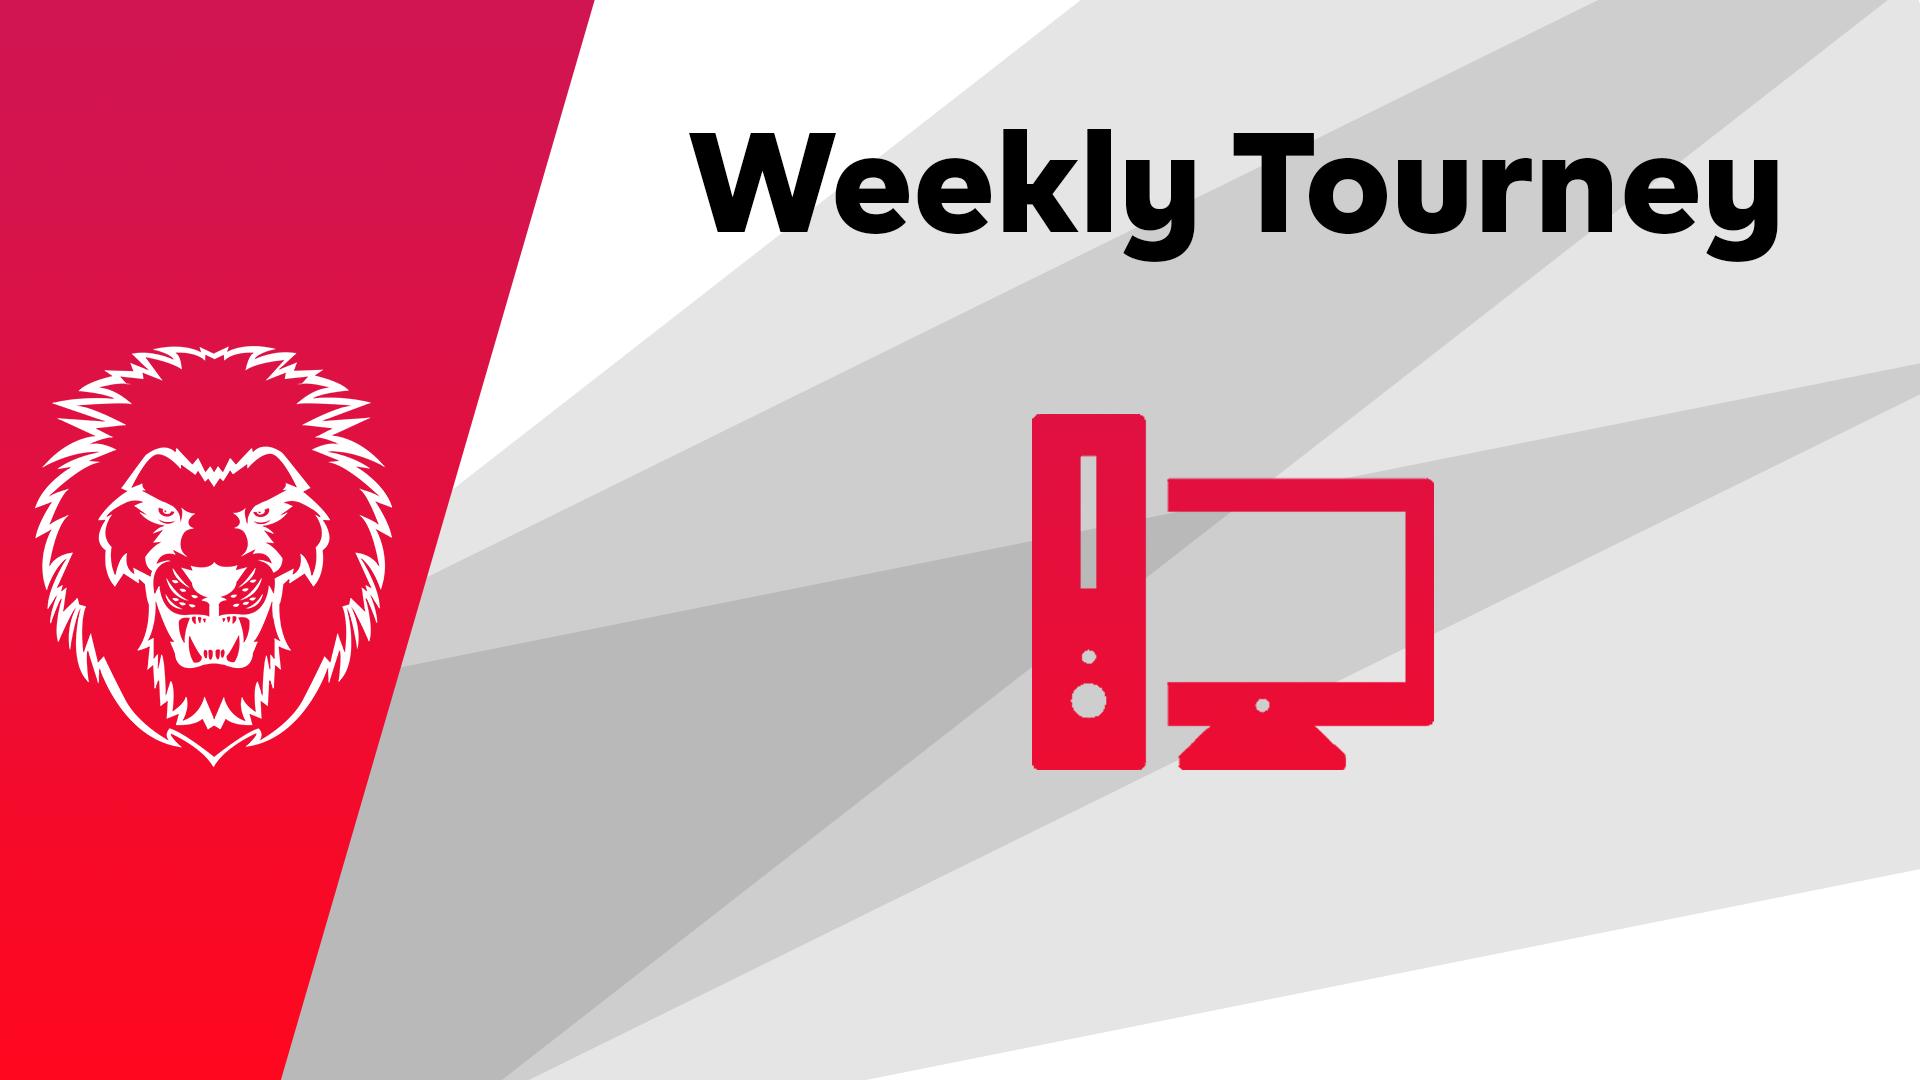 Logo Turnier Rainbow Six Weekly Tourney - PC #4